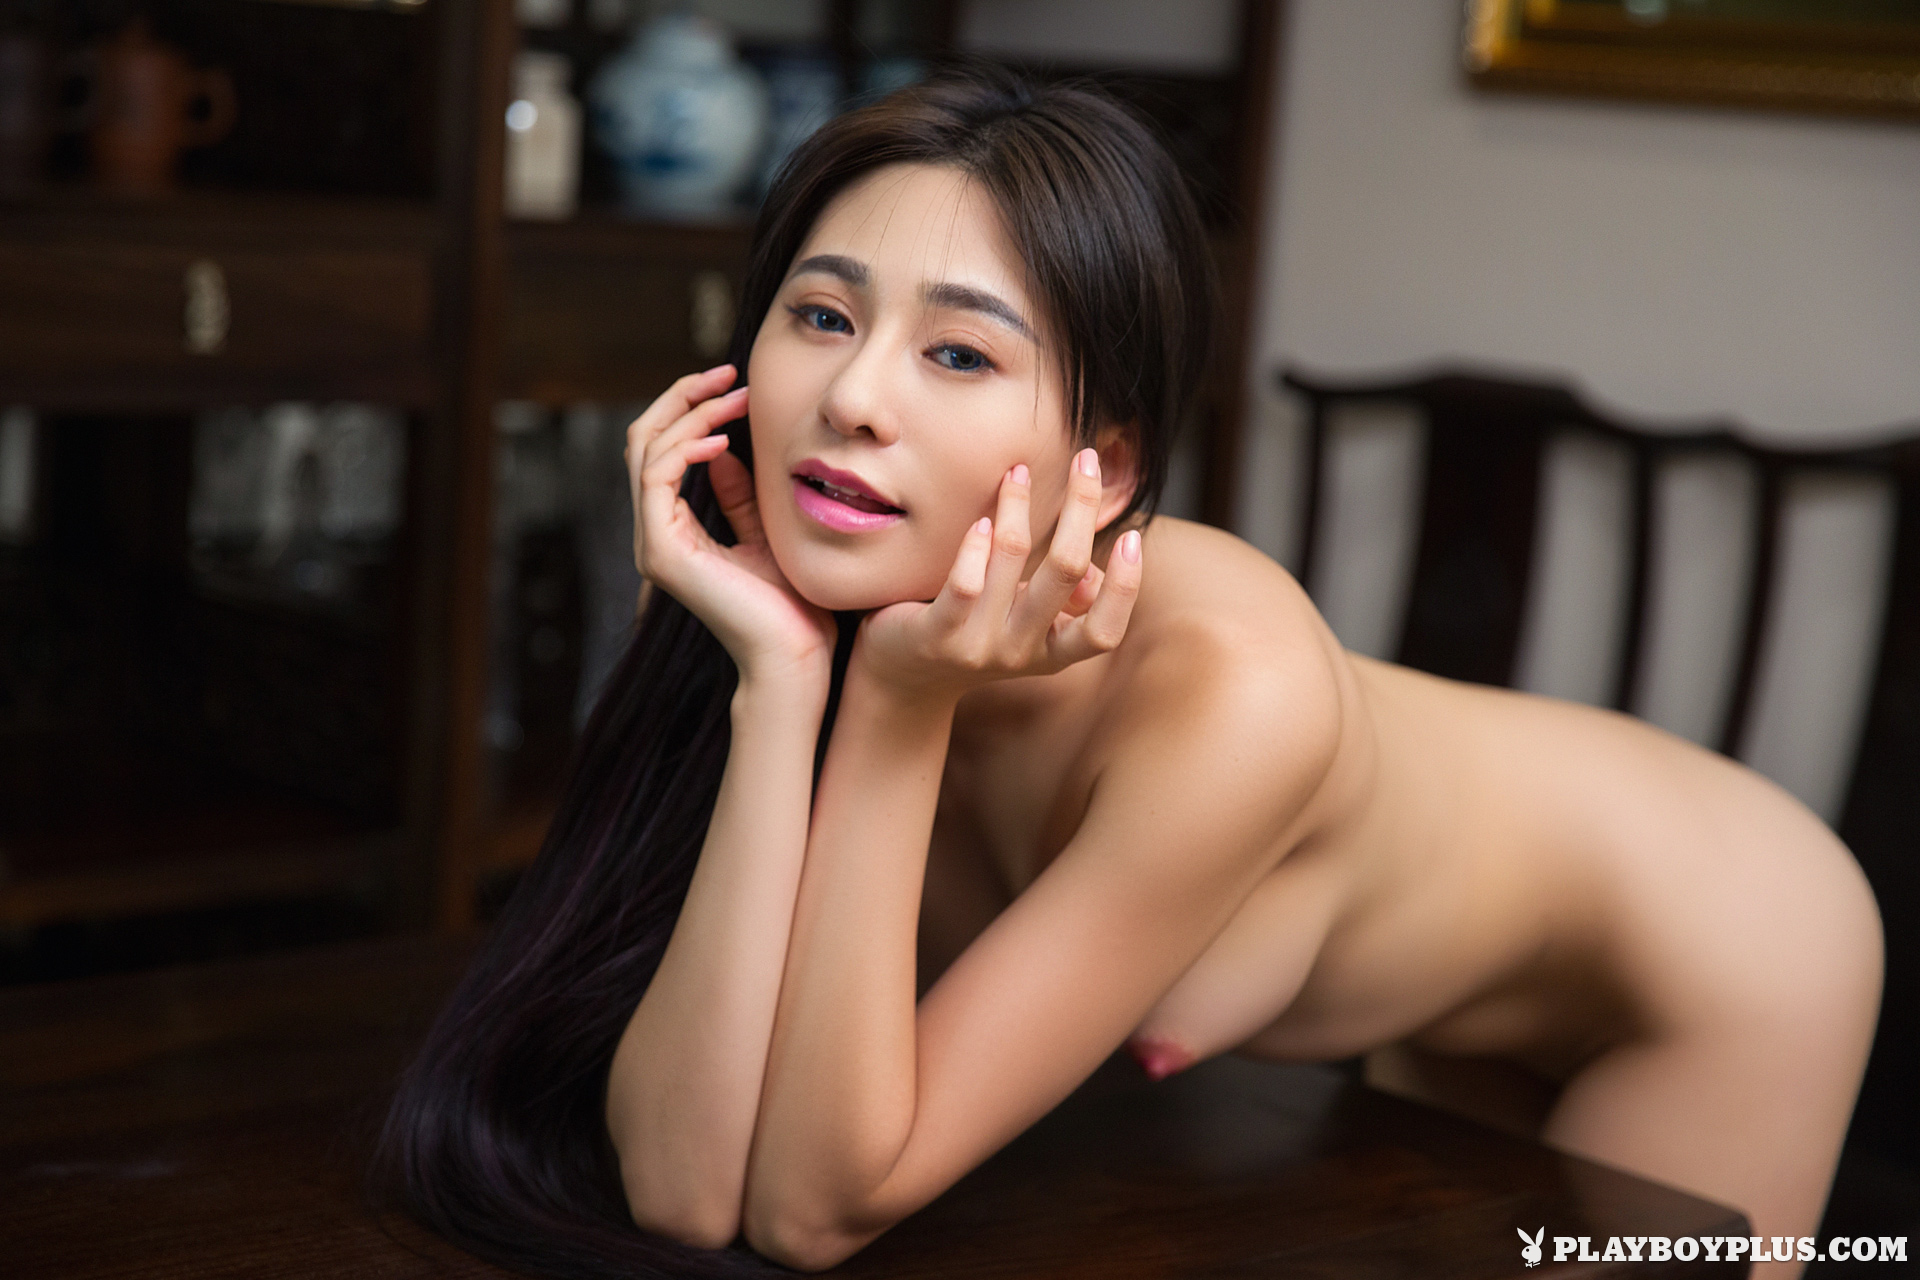 The ndw porn star big boob xxx